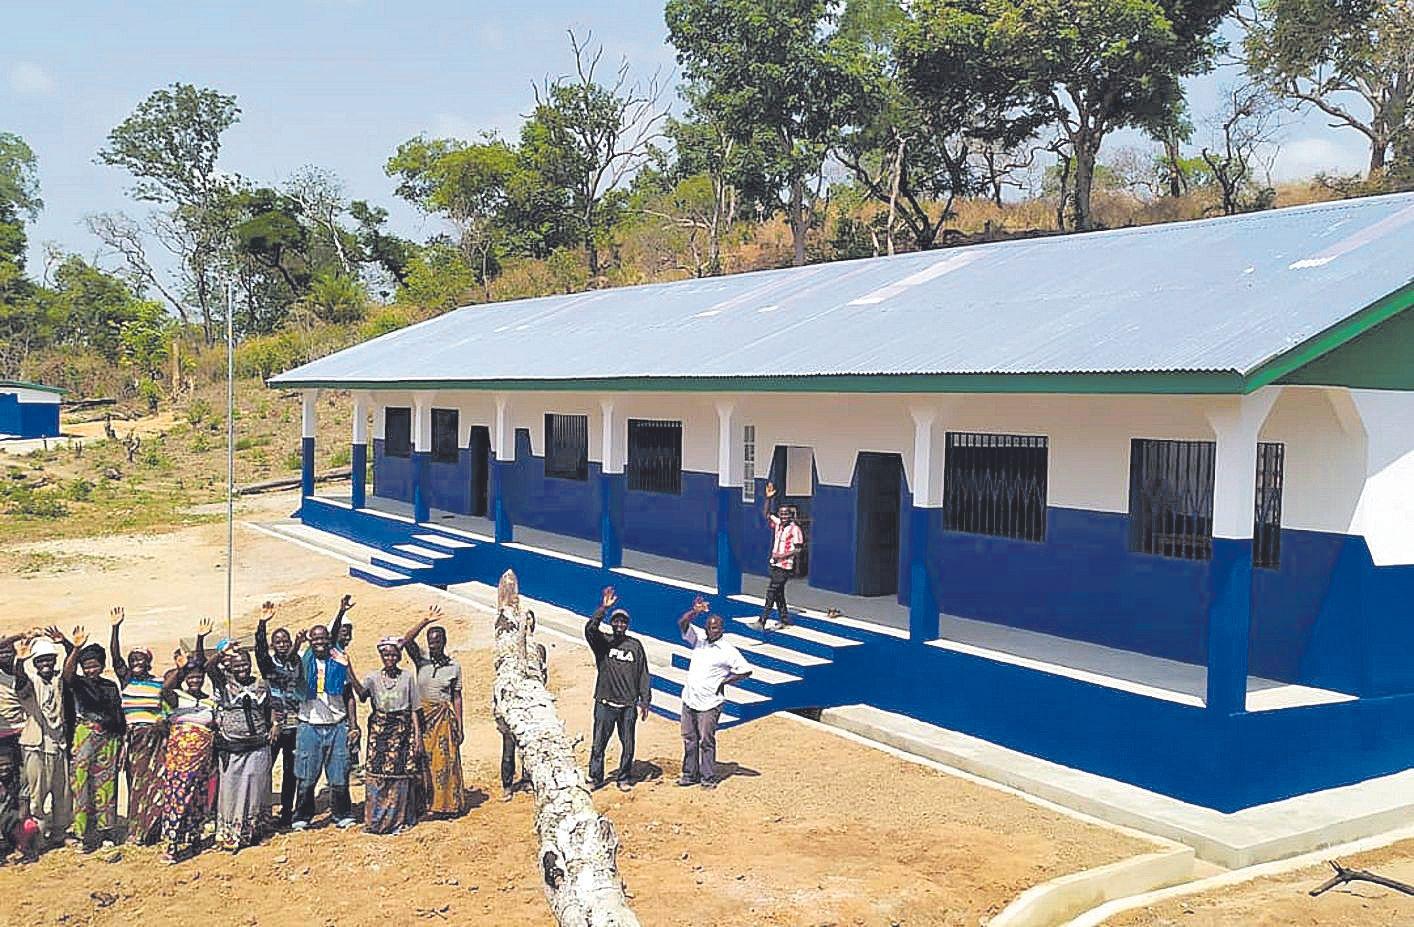 La huella mallorquina en la educación de Sierra Leona